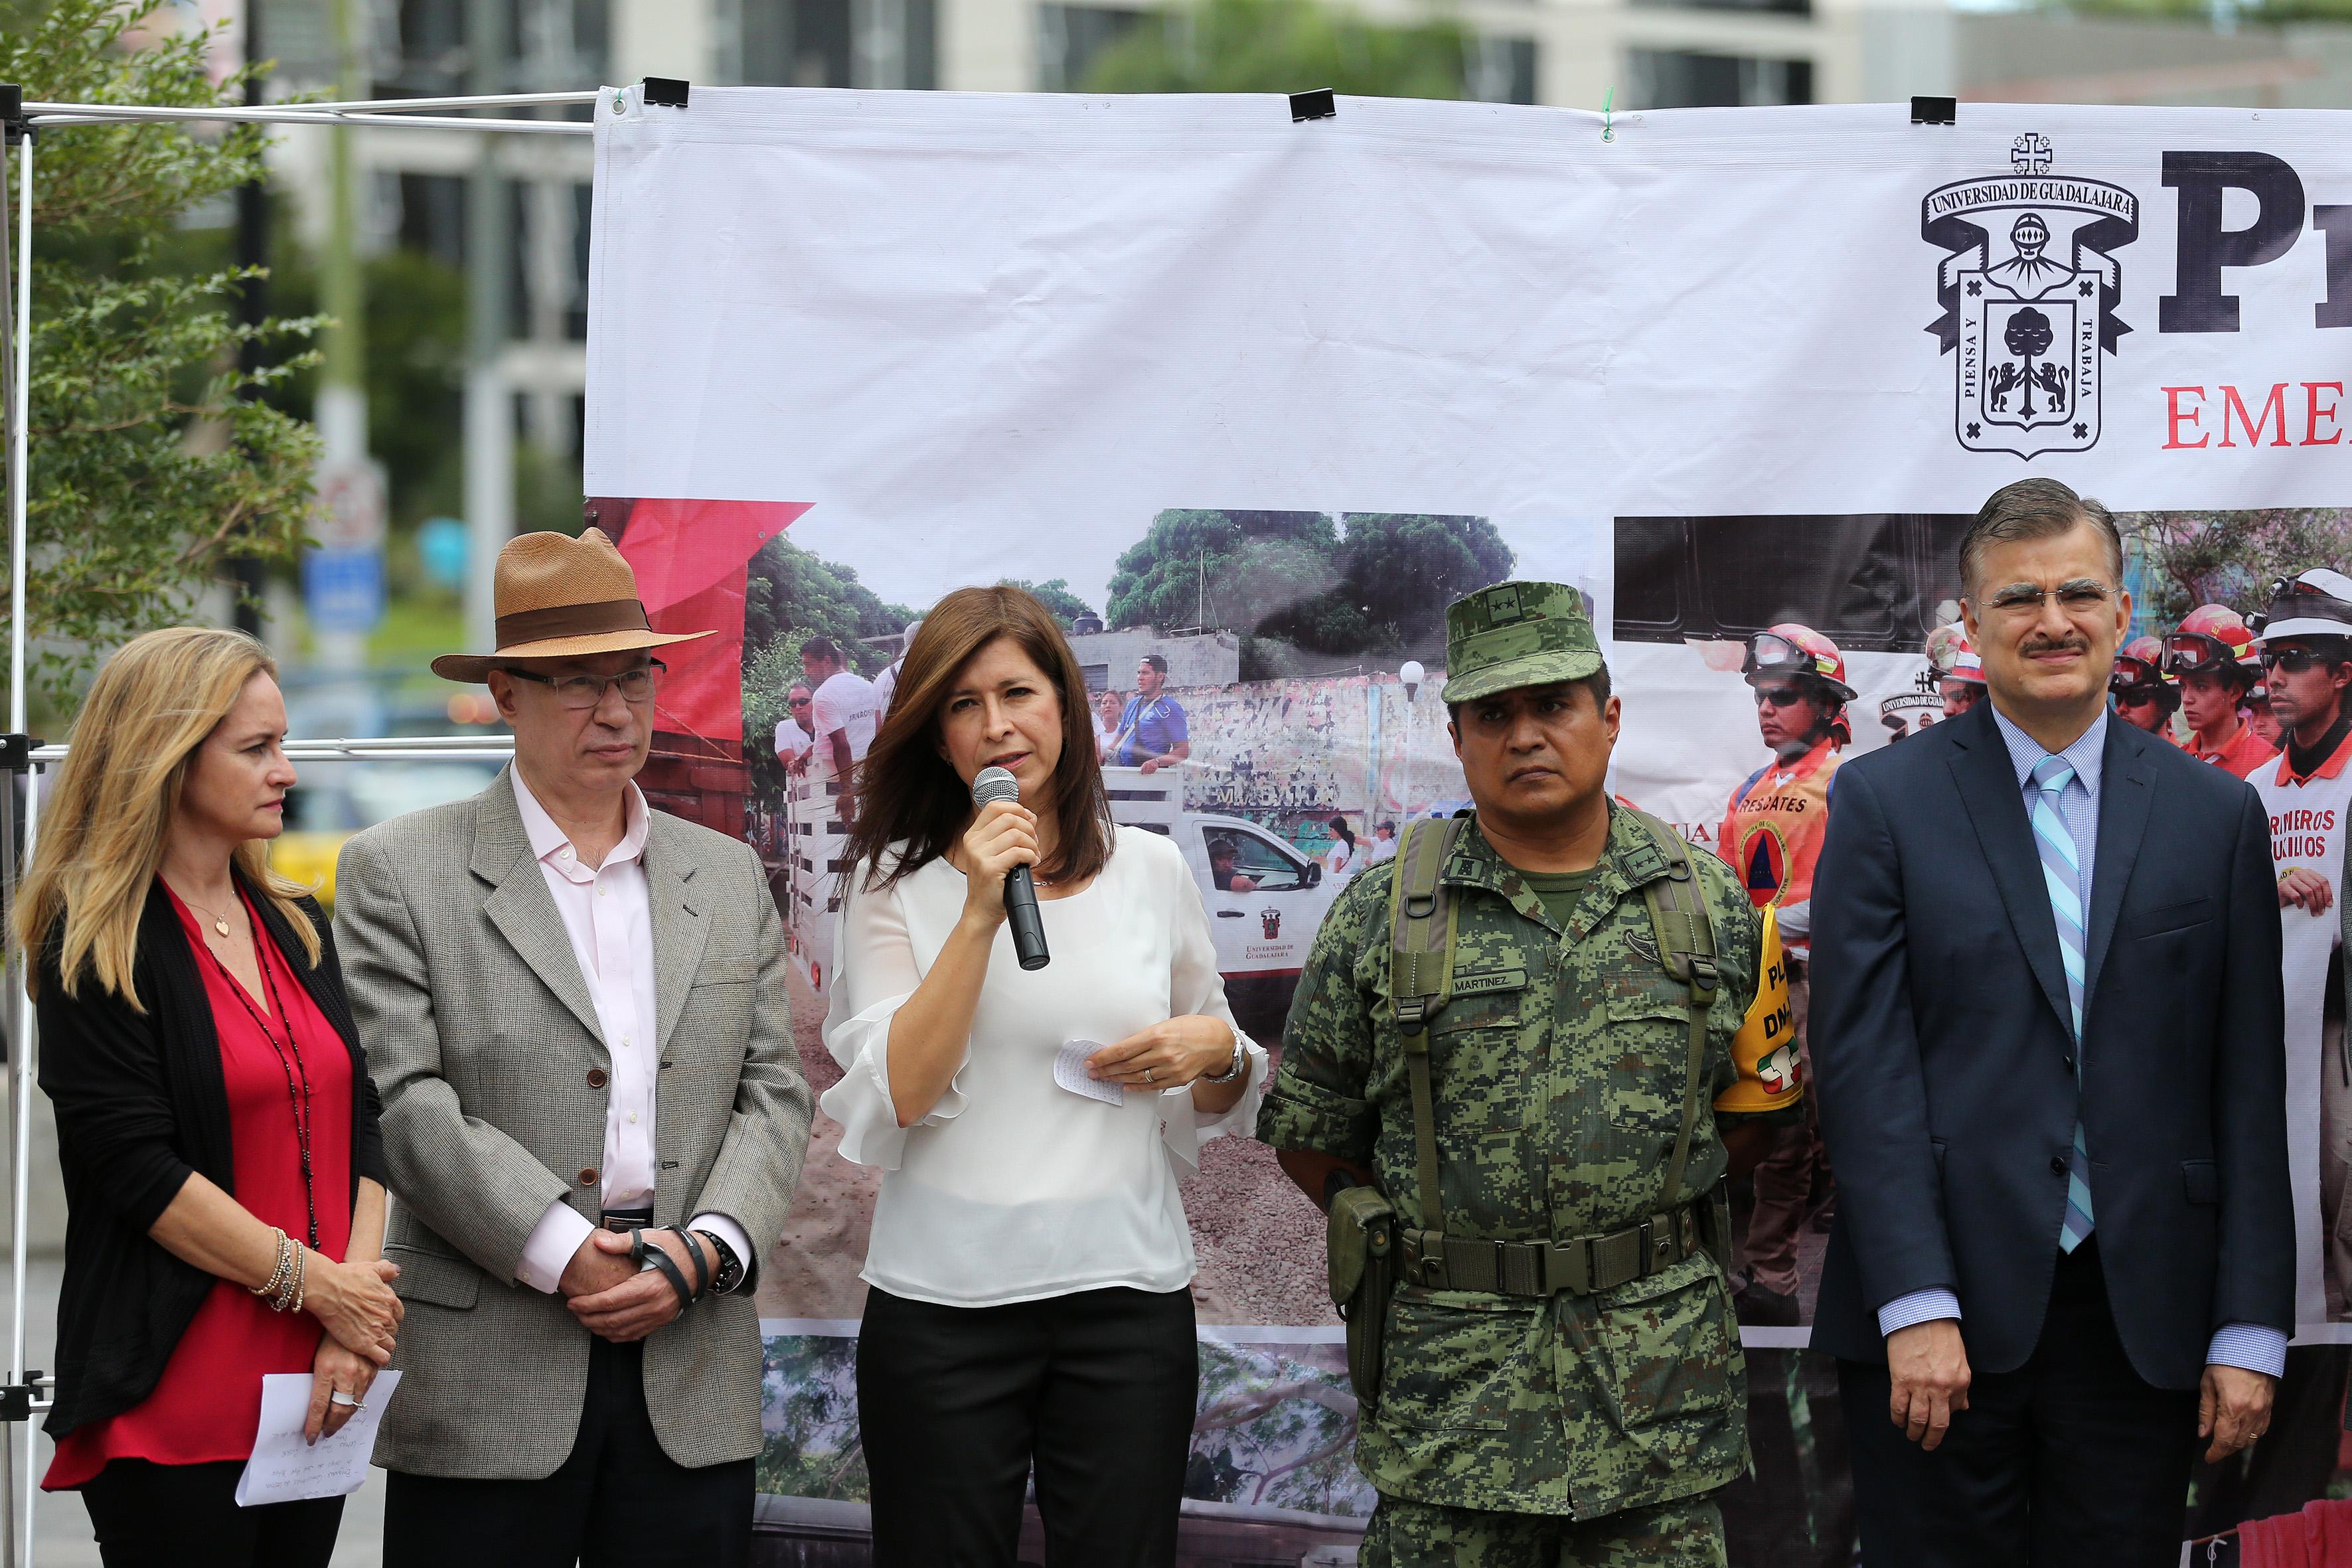 Mónica Caballero de Ibarra, Presidenta del Club del Libro del American School Fundation of Guadalajara, agradeciendo el apoyo de los donantes y sus familias.